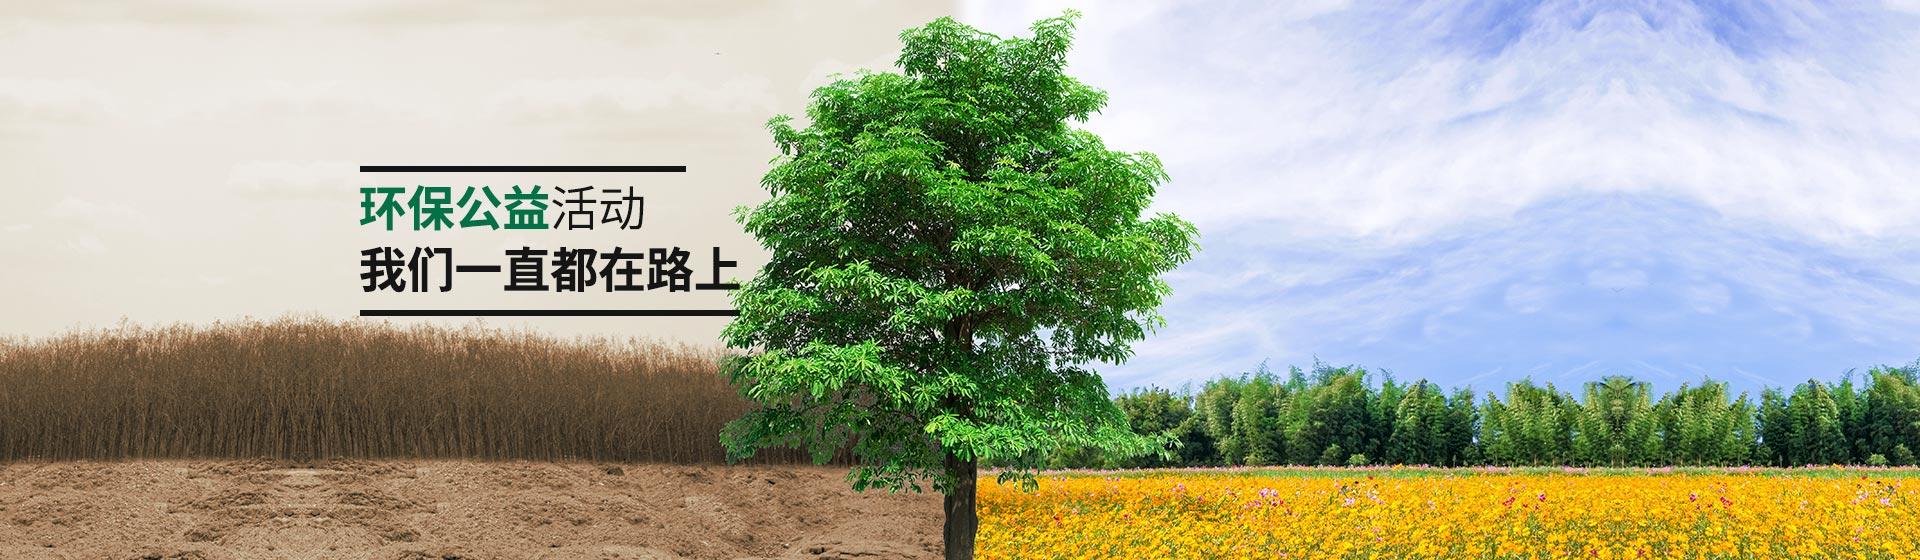 环保公益活动,我们一直都在路上-江苏信达